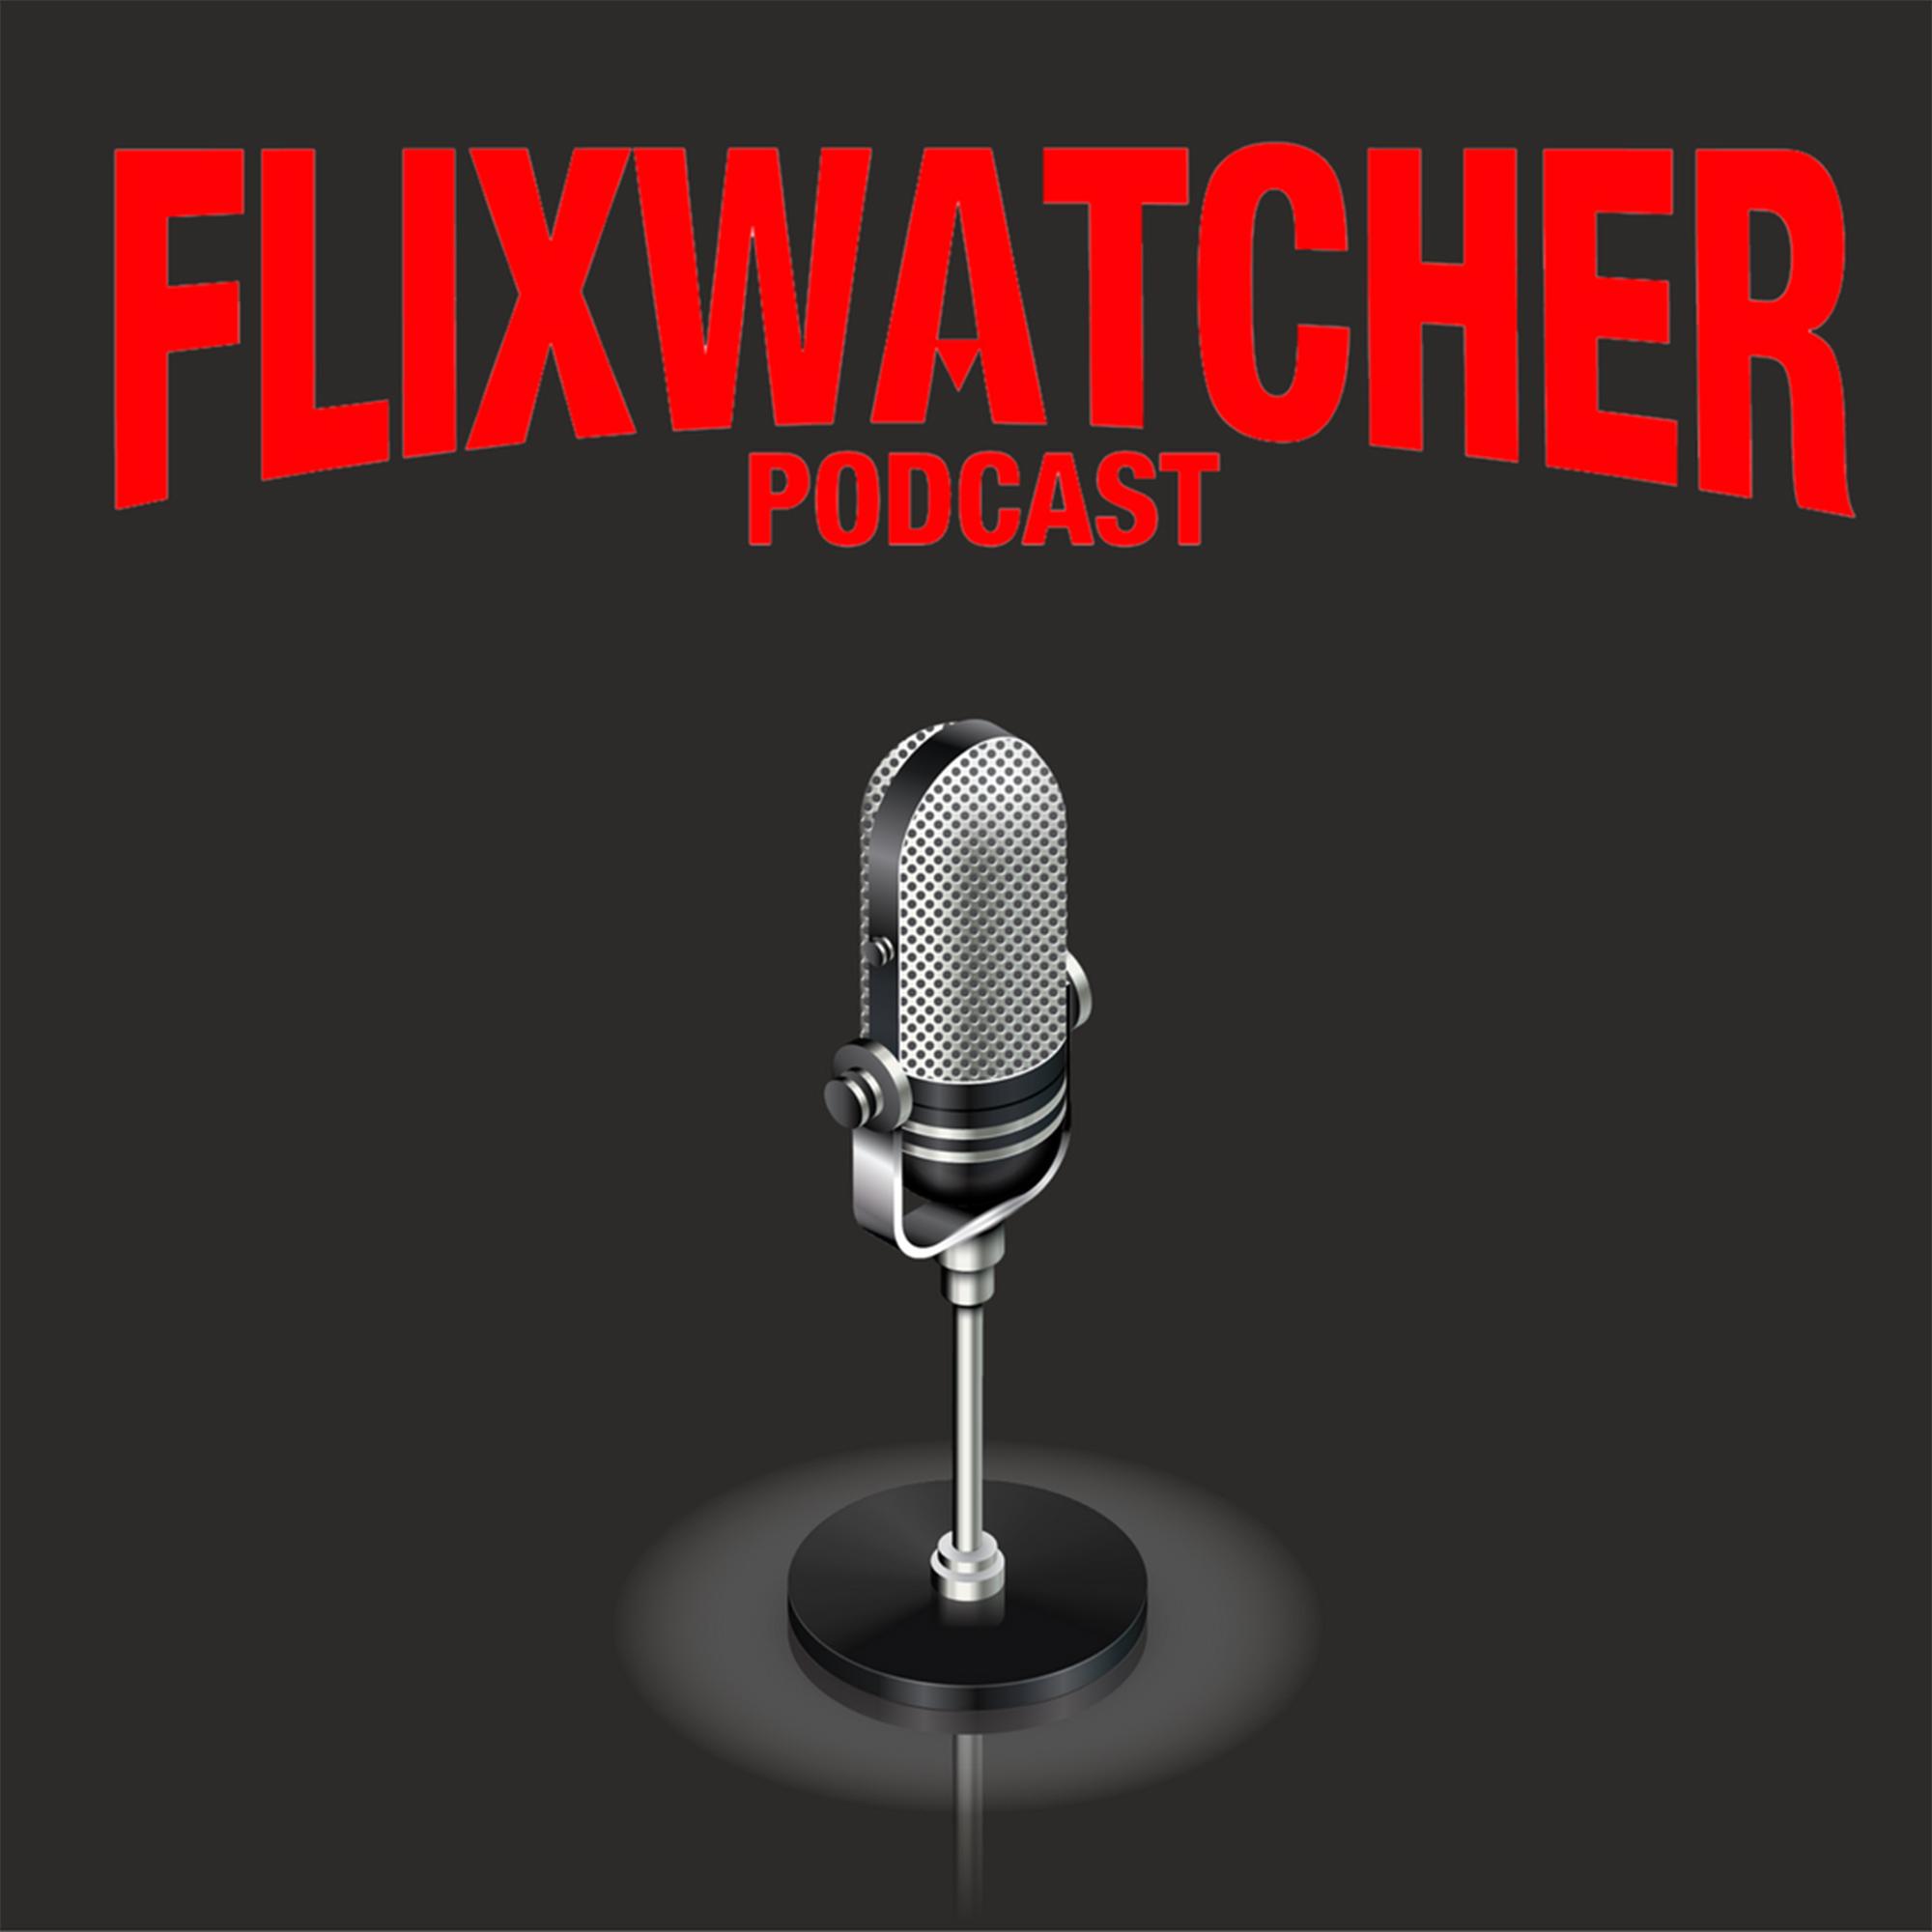 Flixwatcher Podcast Thumbnail.jpg